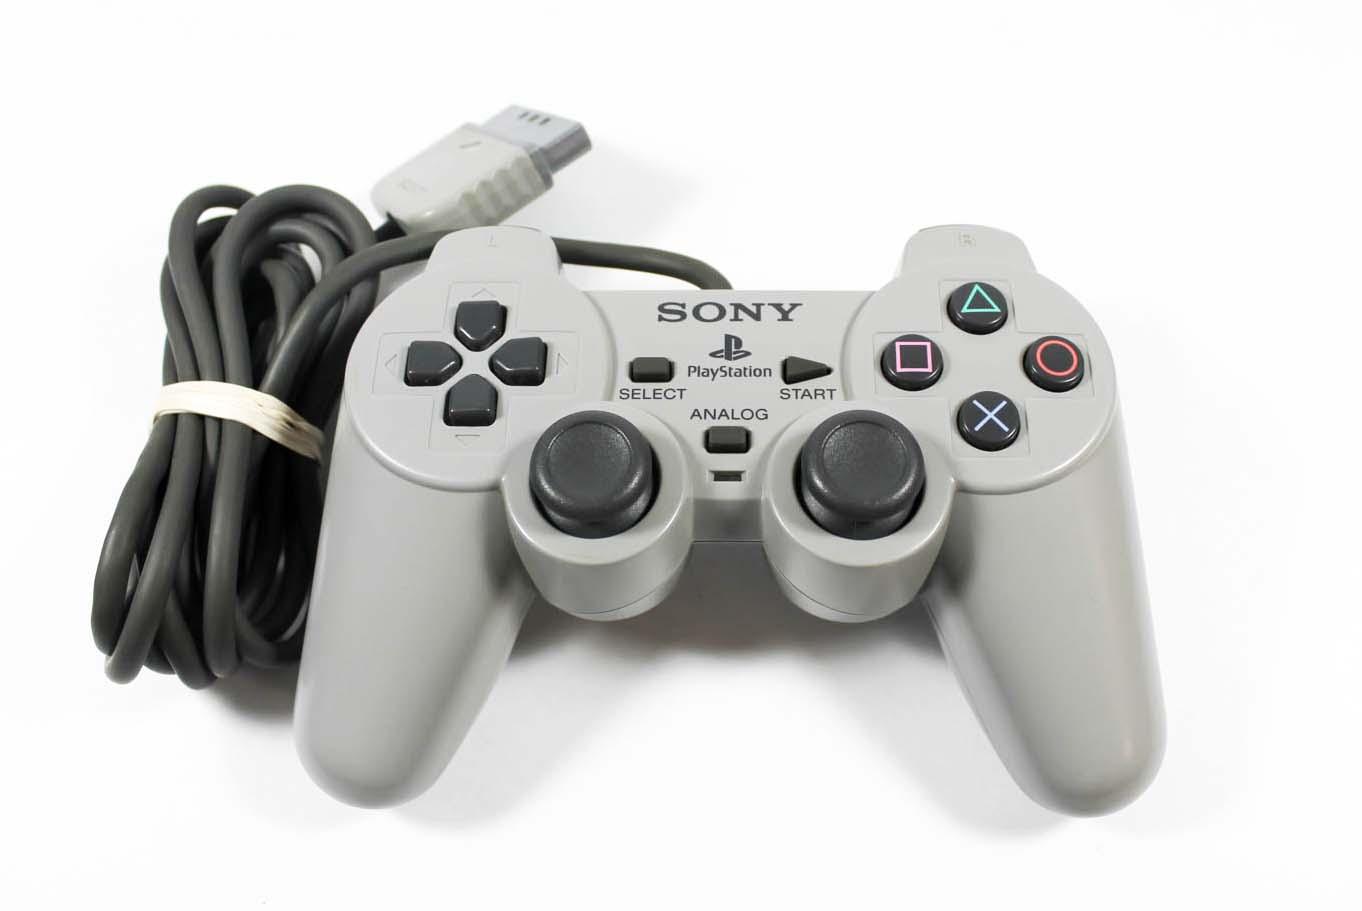 PS1 Dual Analog Controller